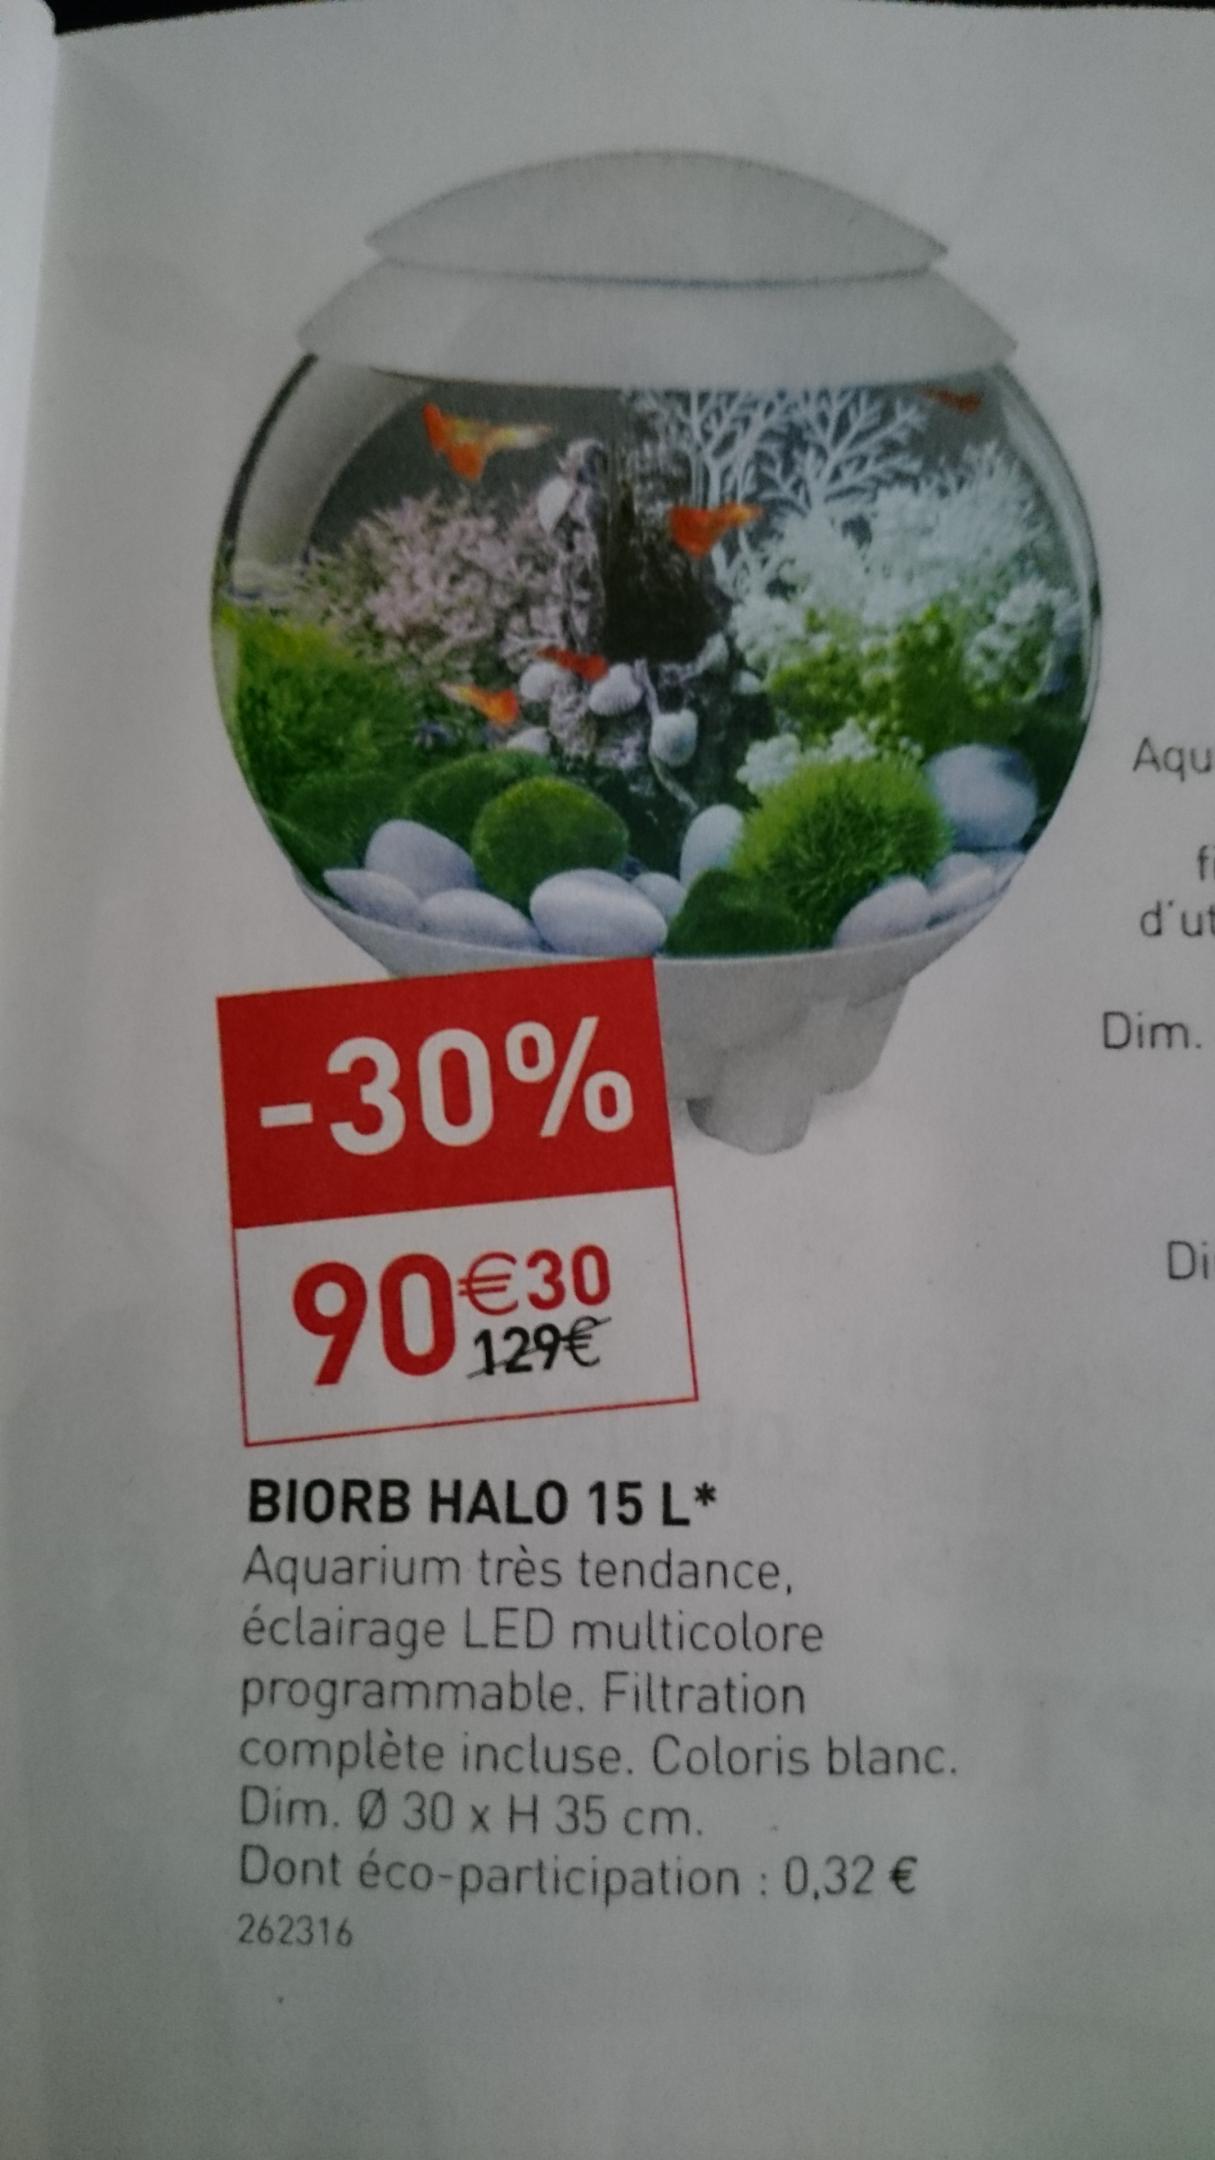 Aquarium Biorb Halo 15